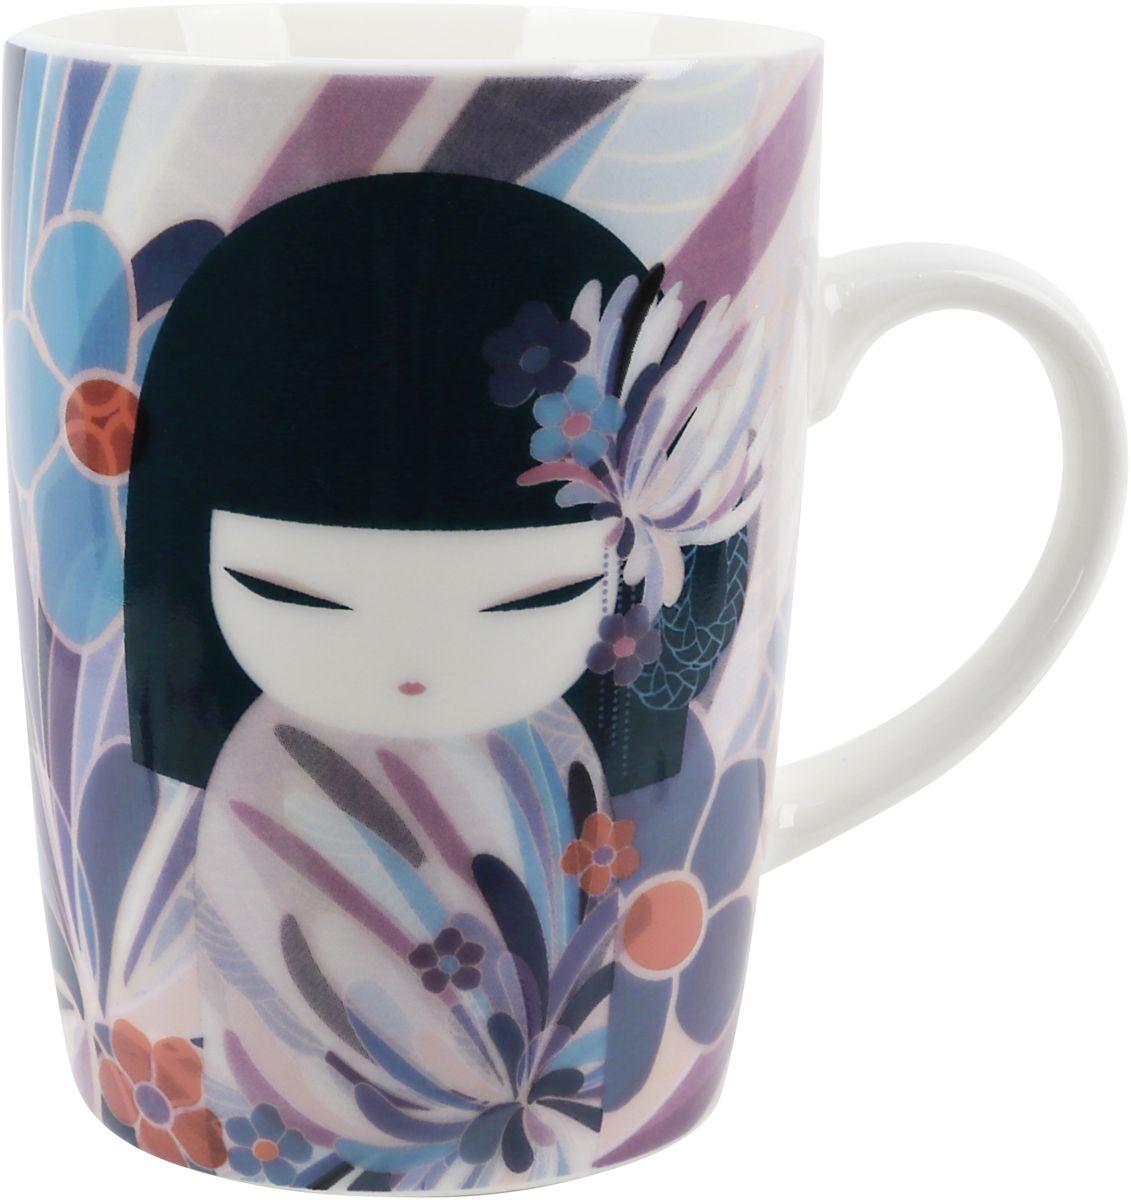 Кружка Kimmidoll Намика, цвет: голубой, 300 млKH0987Элегантная фарфоровая кружка, которая оформлена в традиционном японском стиле. Понравится всем ценителям прекрасного.